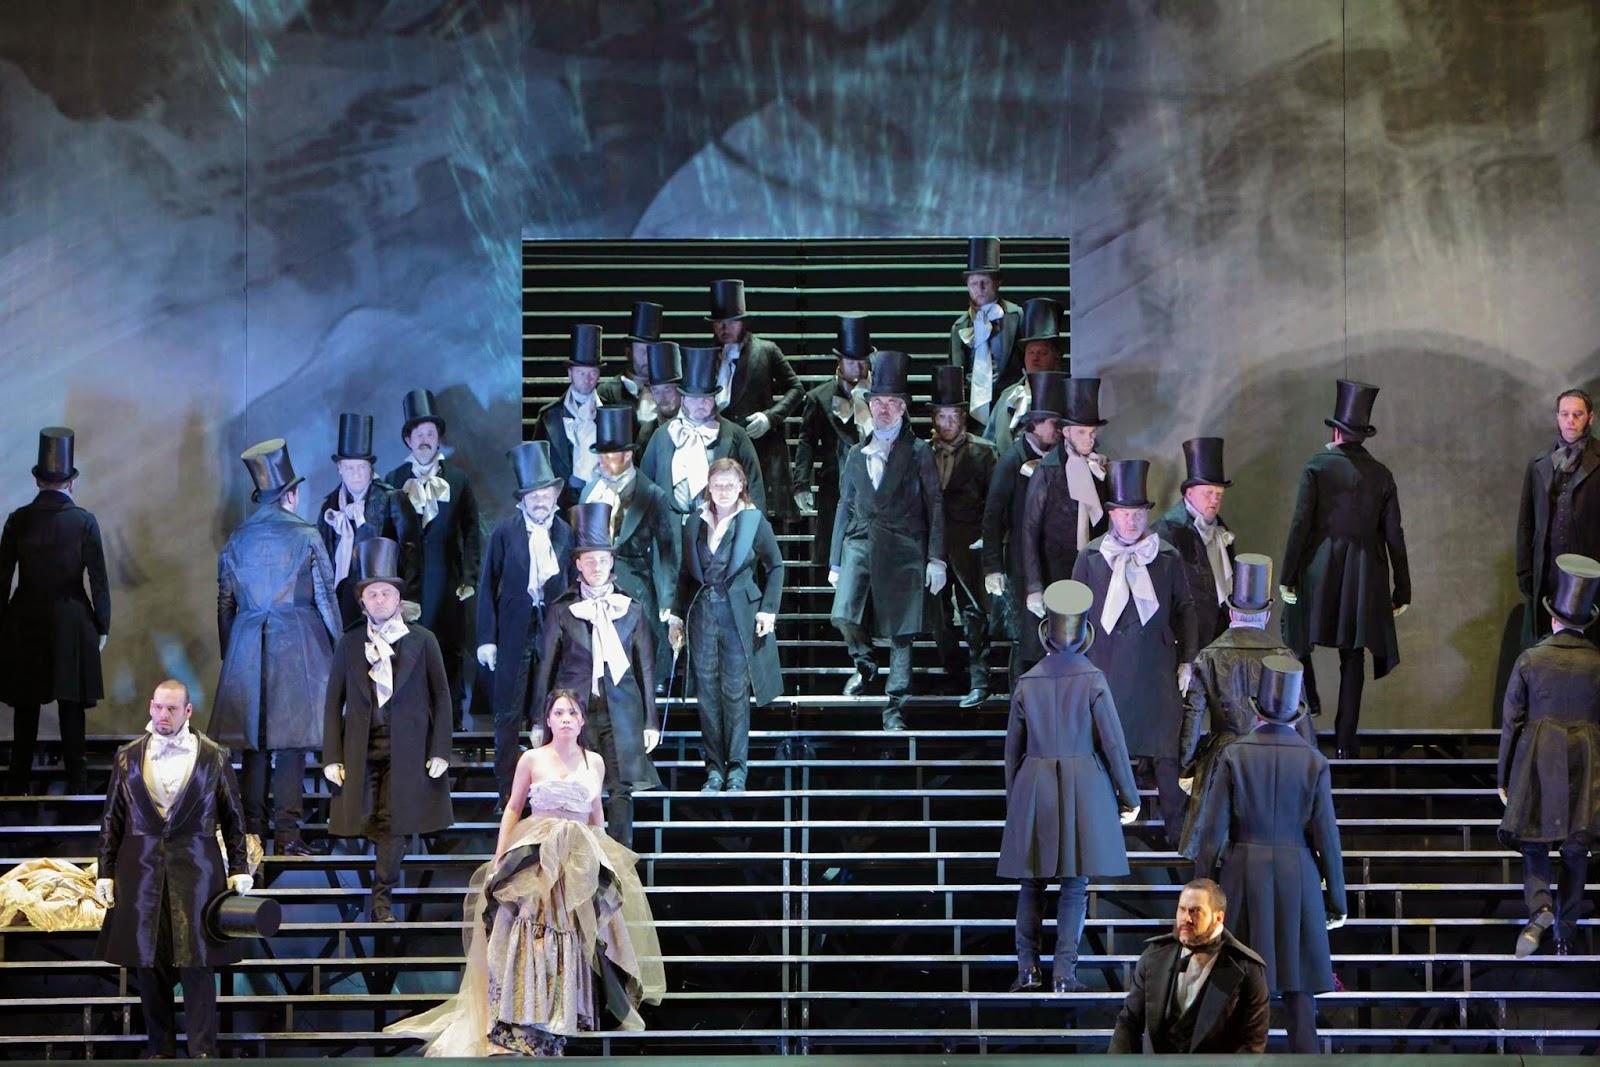 Teatro Gran Liceu di Barcellona: I Capuleti e i Montecchi, un'immagine dello spettacolo